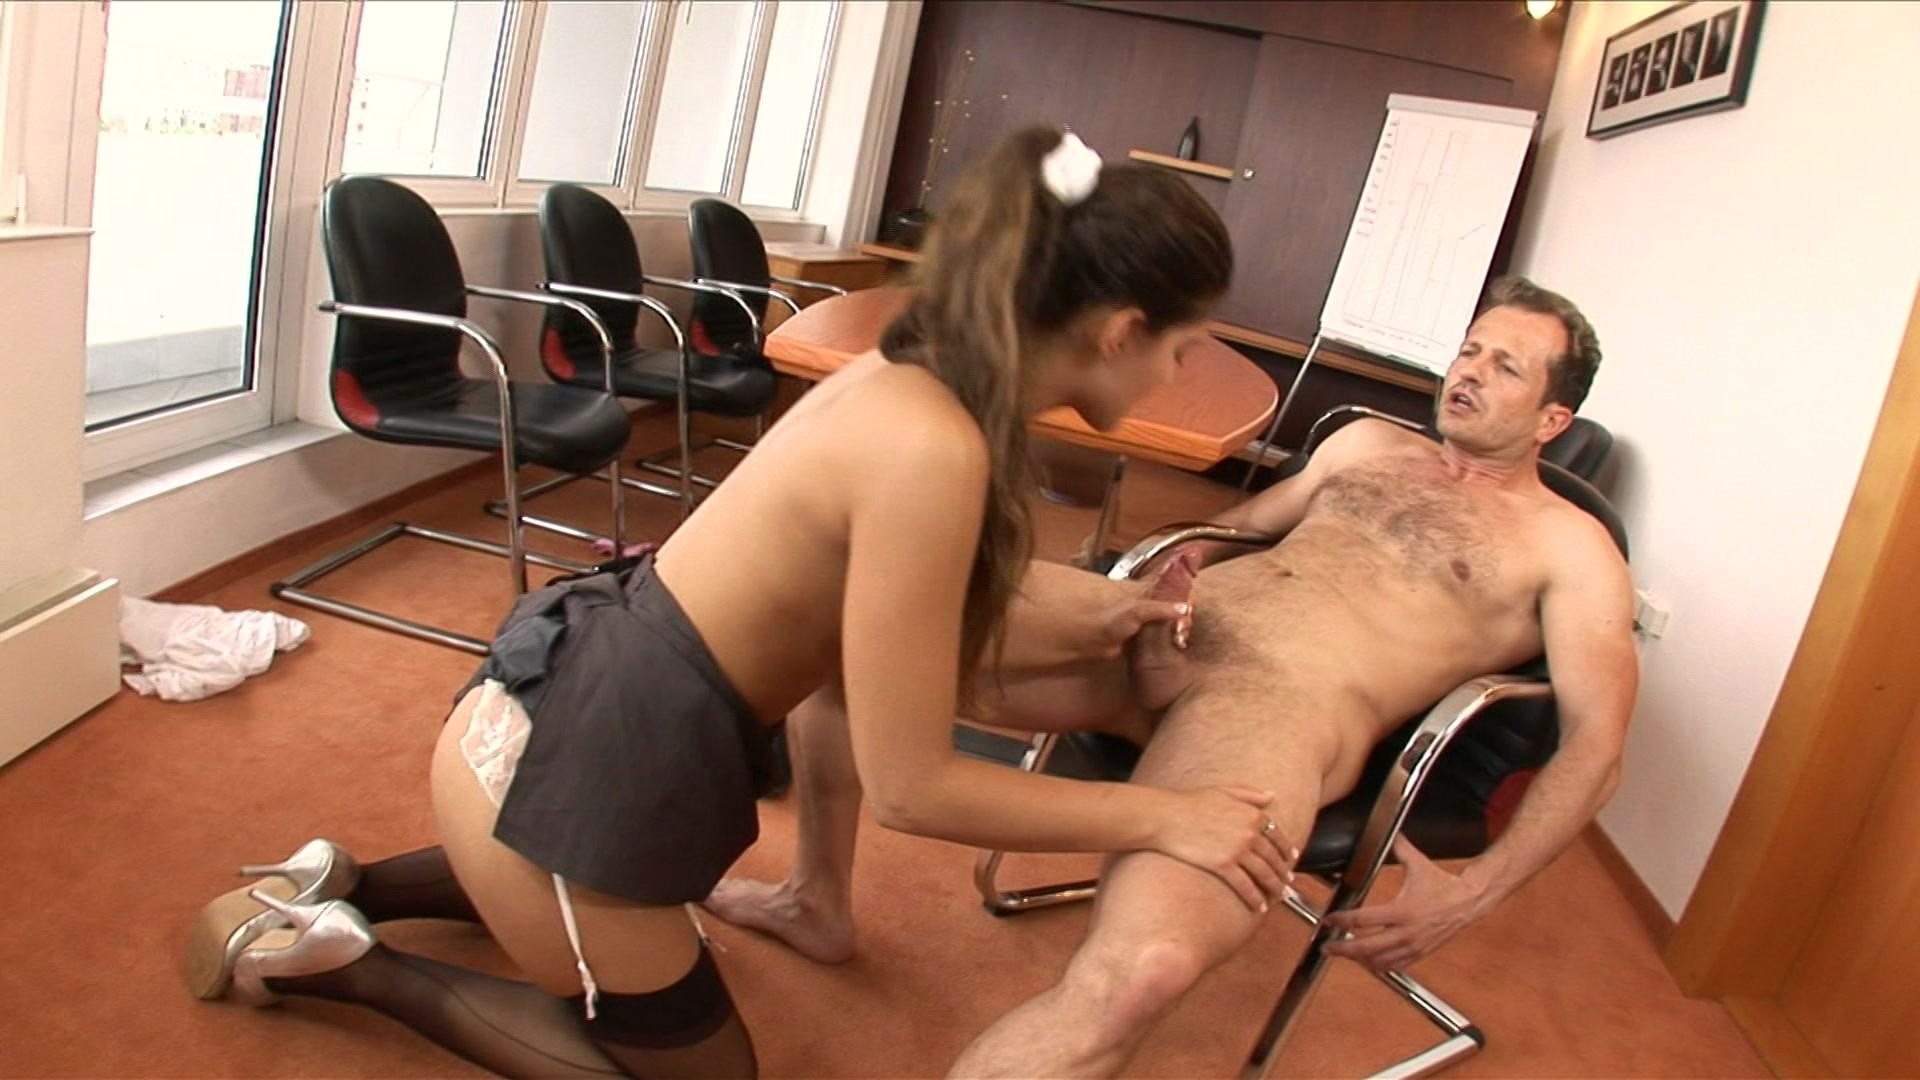 watch online free porn cinderella